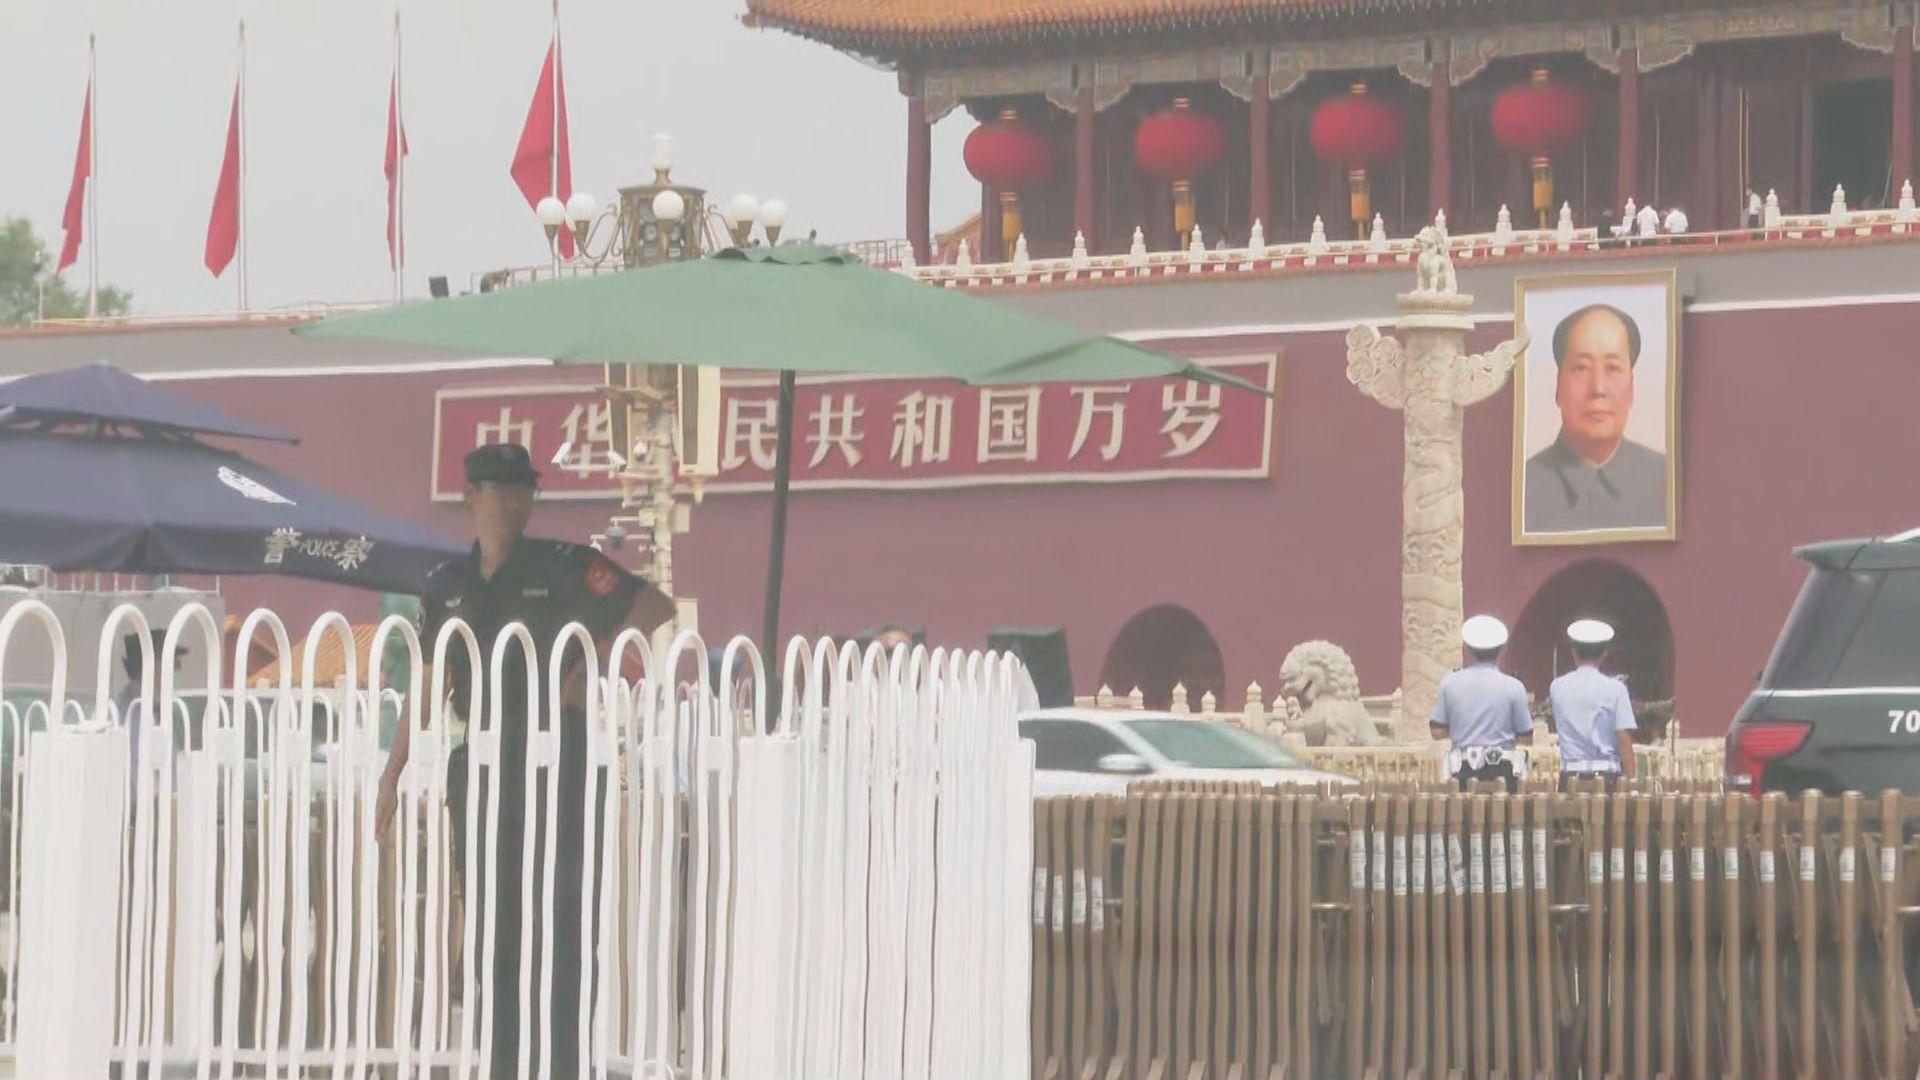 建黨百年慶祝大會會場周邊封閉 附近商舖暫停營業